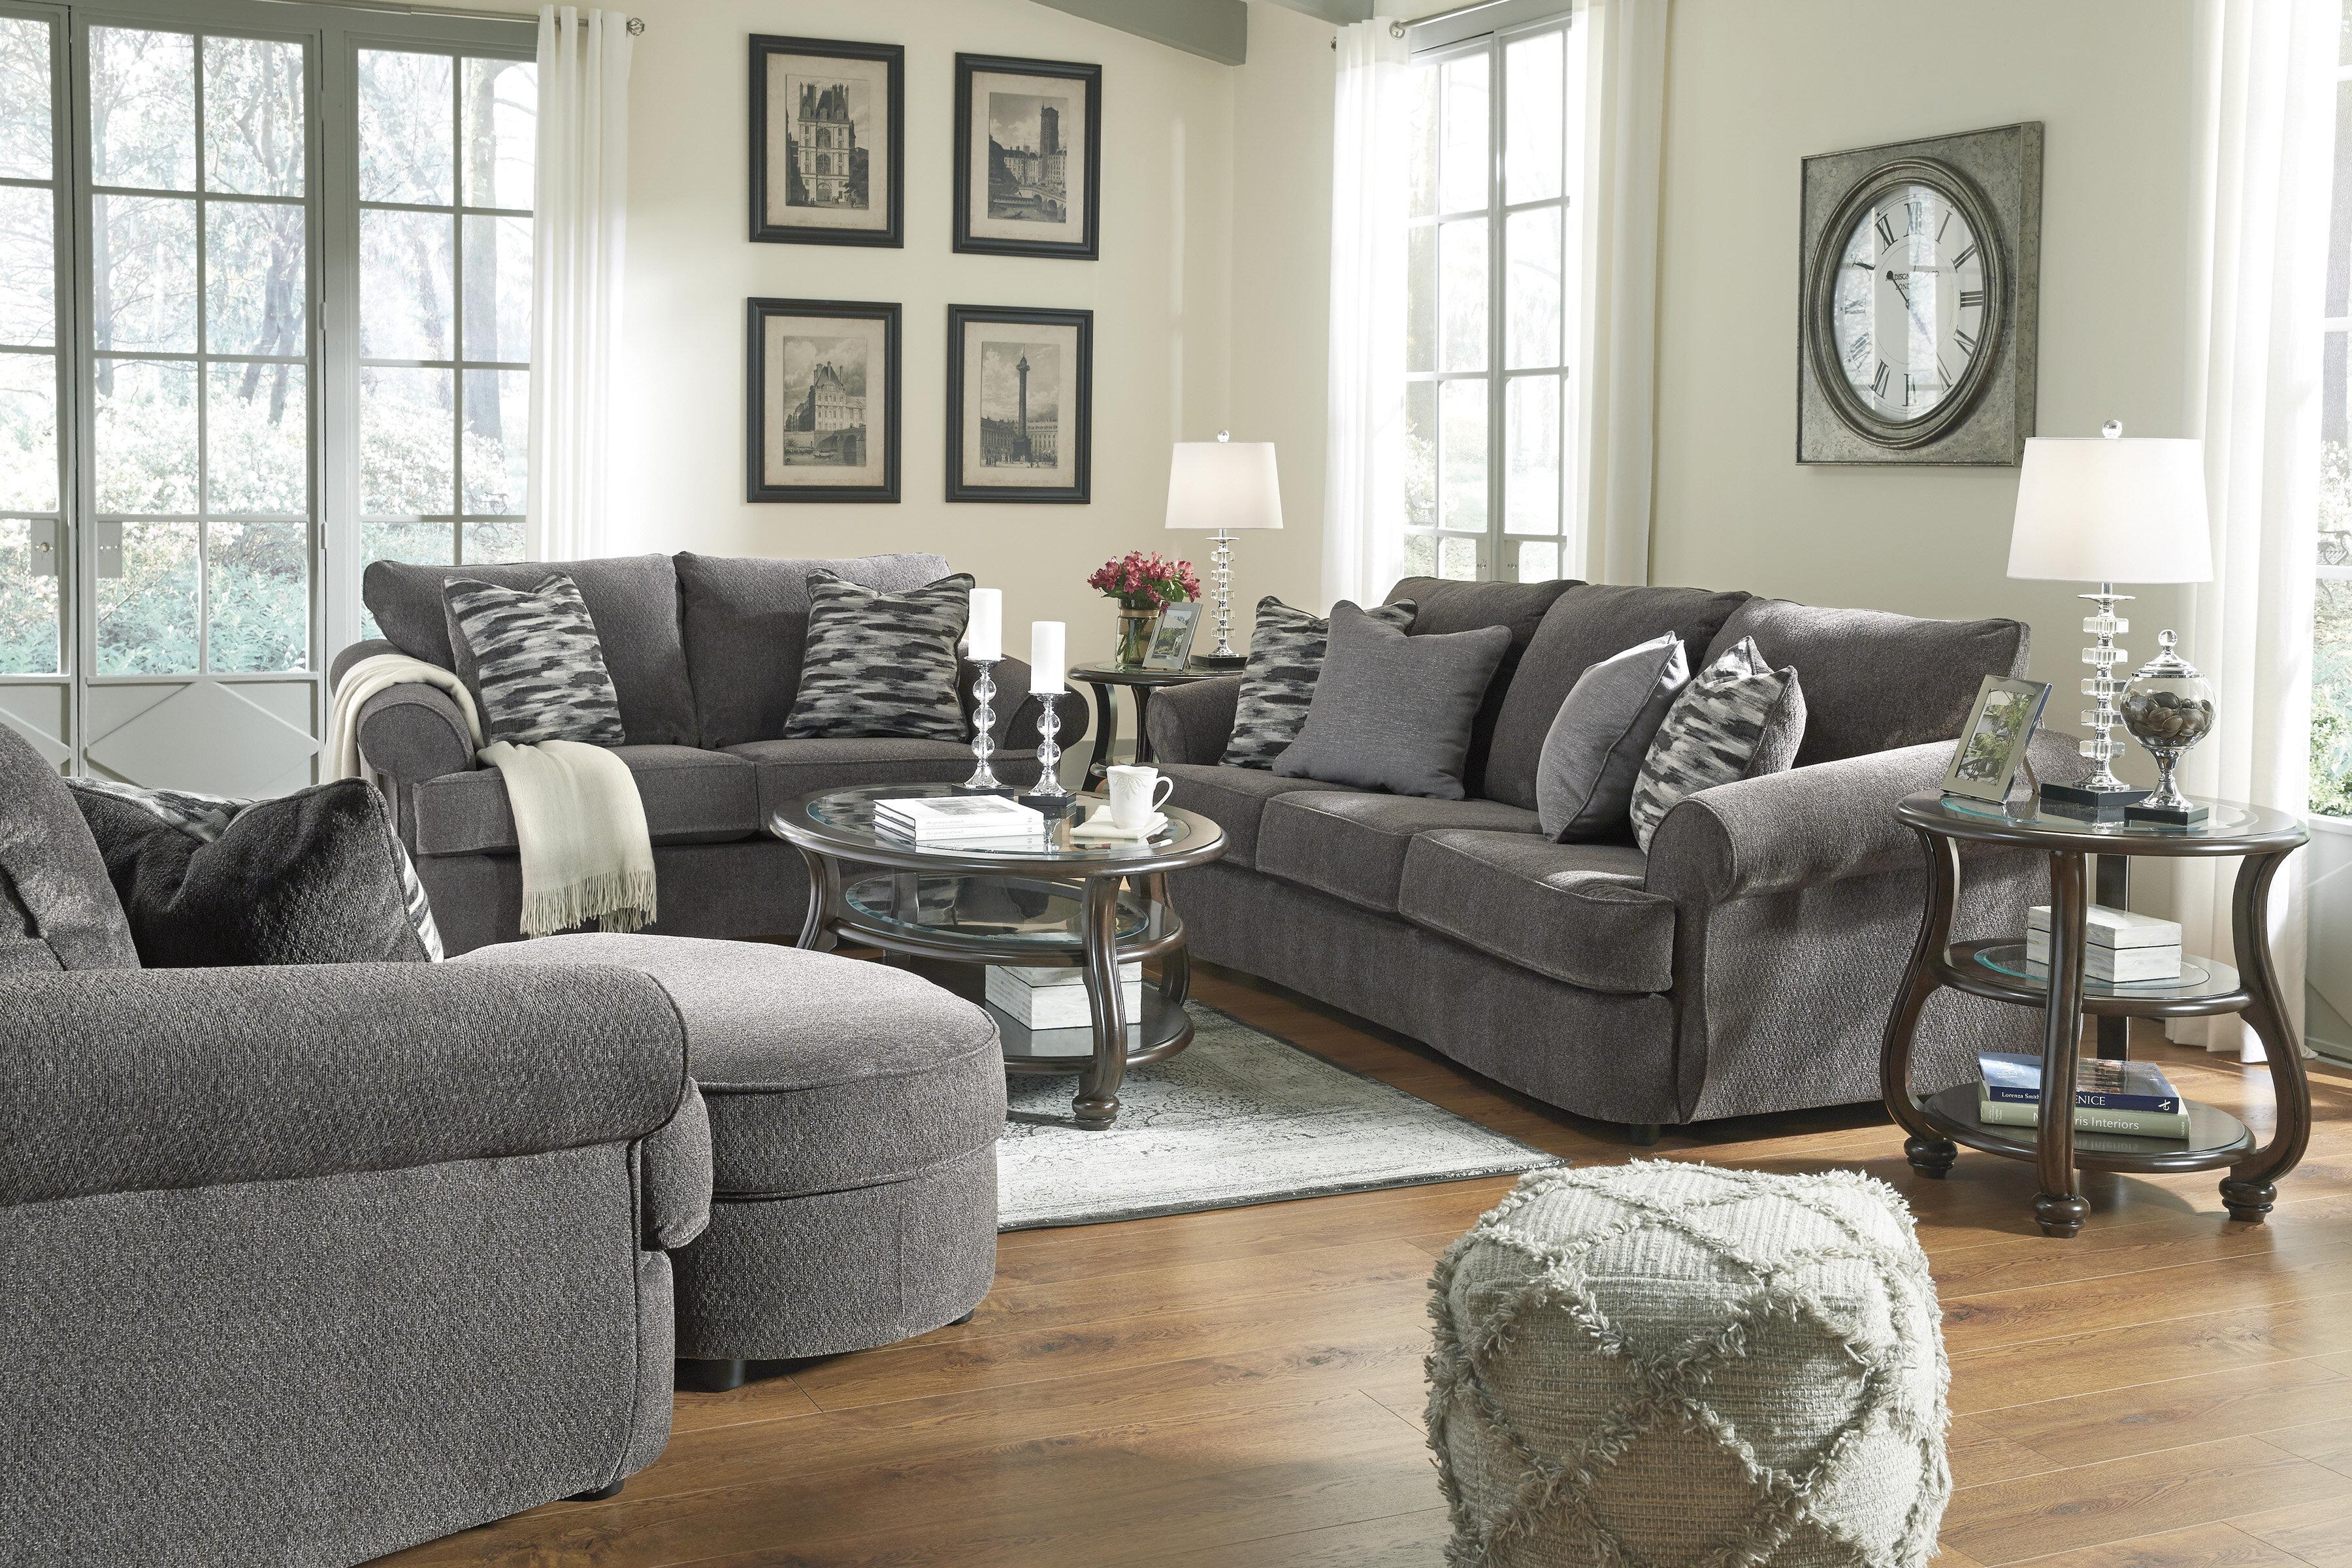 Formal Living Room Furniture - Best Home Design 2019 by ...